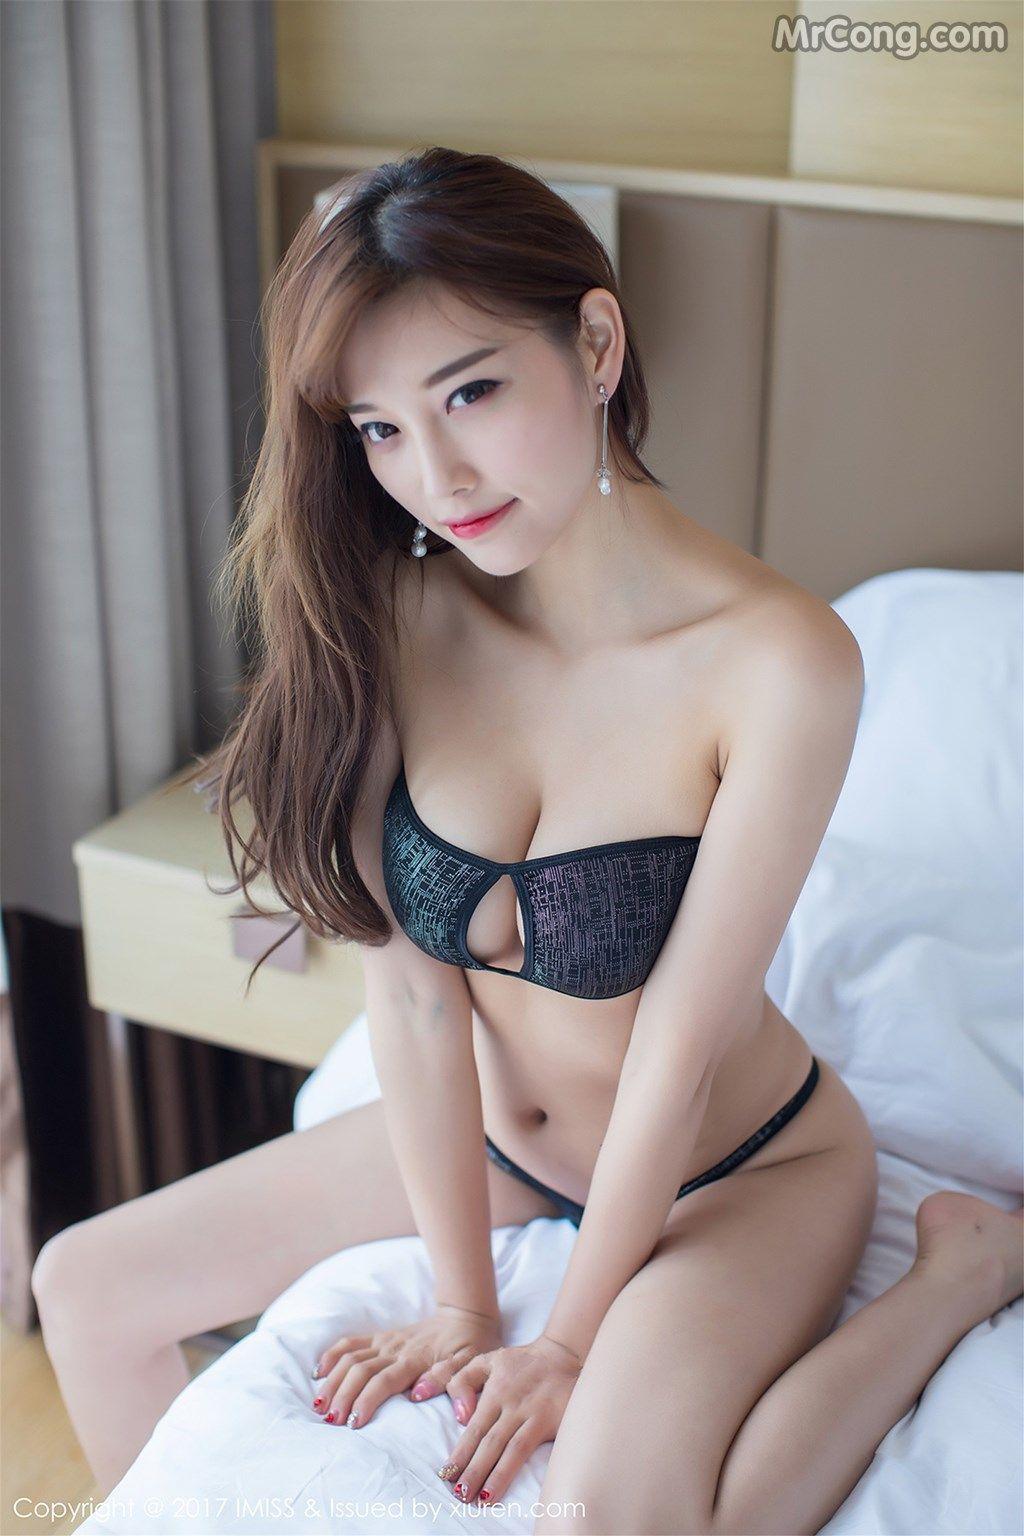 9256bc8db0 IMISS Vol.175: Người mẫu Yang Chen Chen (杨晨晨sugar) (46 ảnh ...